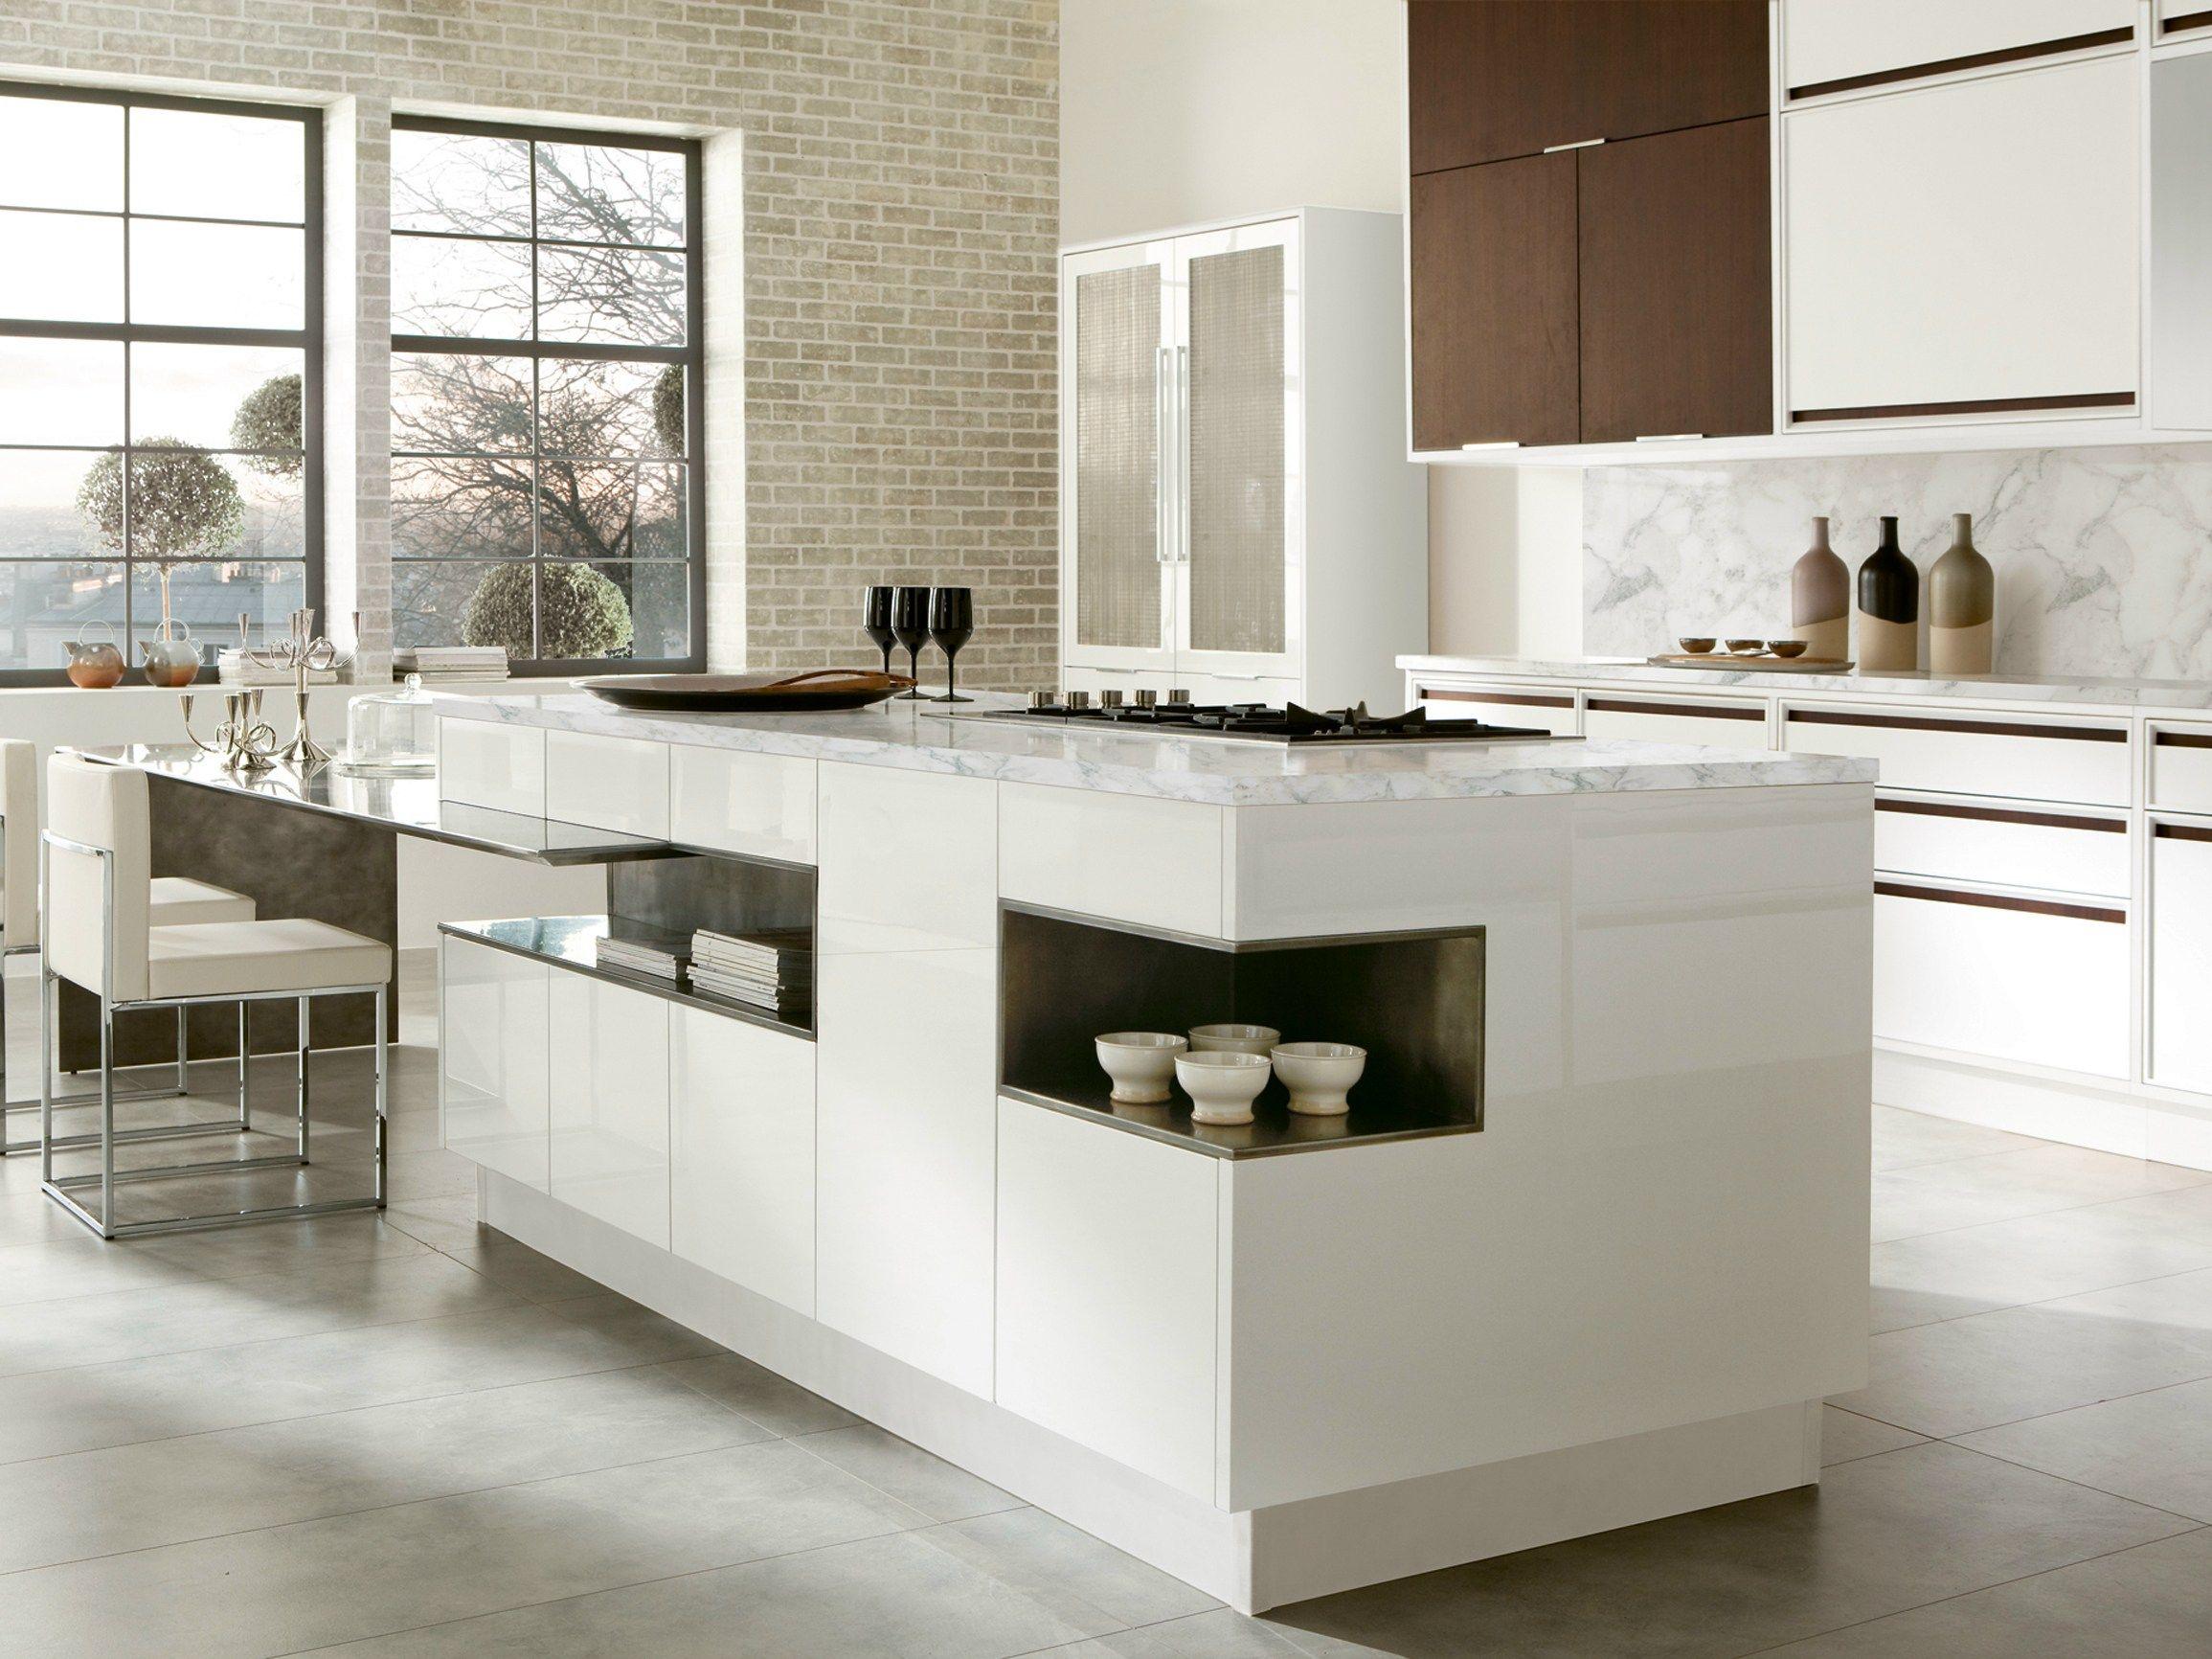 eine dynamisches modernes kuche design darren morgan